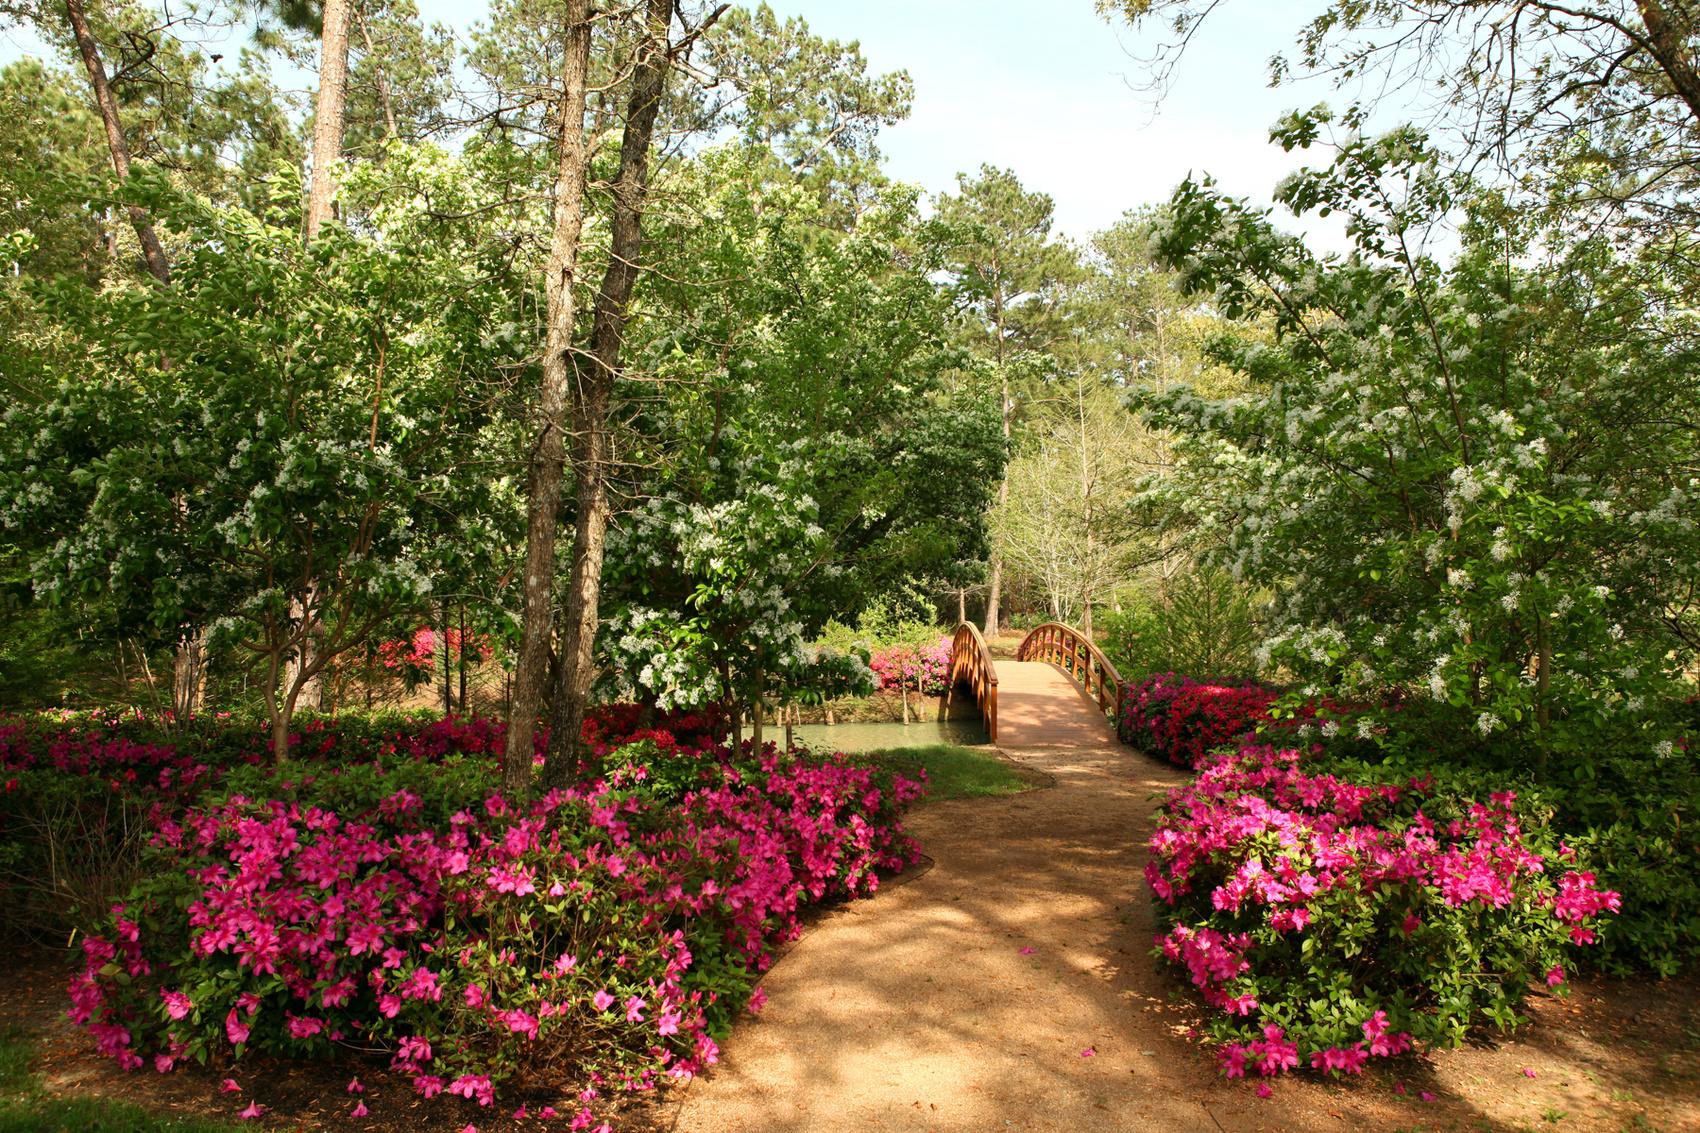 jardin paysager zen japonais, un pot en pierre et bois, plusieurs arbres et fleurs couleur fuschia, paysage été